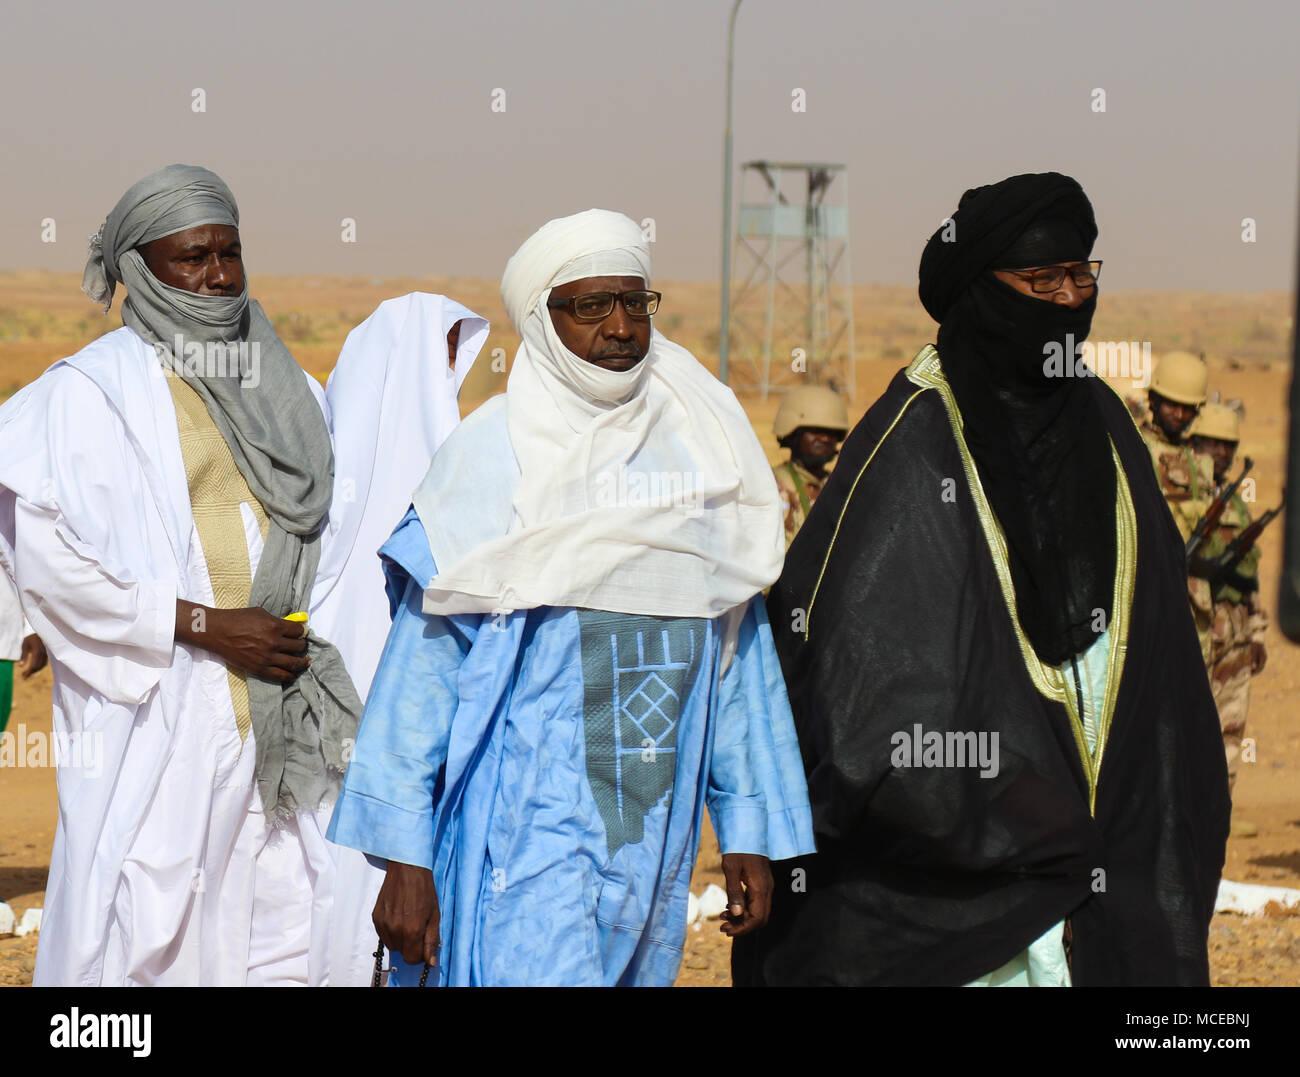 Würdenträger in der Eröffnungszeremonie der Musketen 2018 Agadez, Niger am 11. April, 2018. Flintlock ist eine jährliche, Afrikanische-led, integrierten militärischen und polizeilichen Übung, gestärkt hat Key Partner nation Kräfte in Nord und West Afrika sowie West Special Operations Forces seit 2005. Stockbild